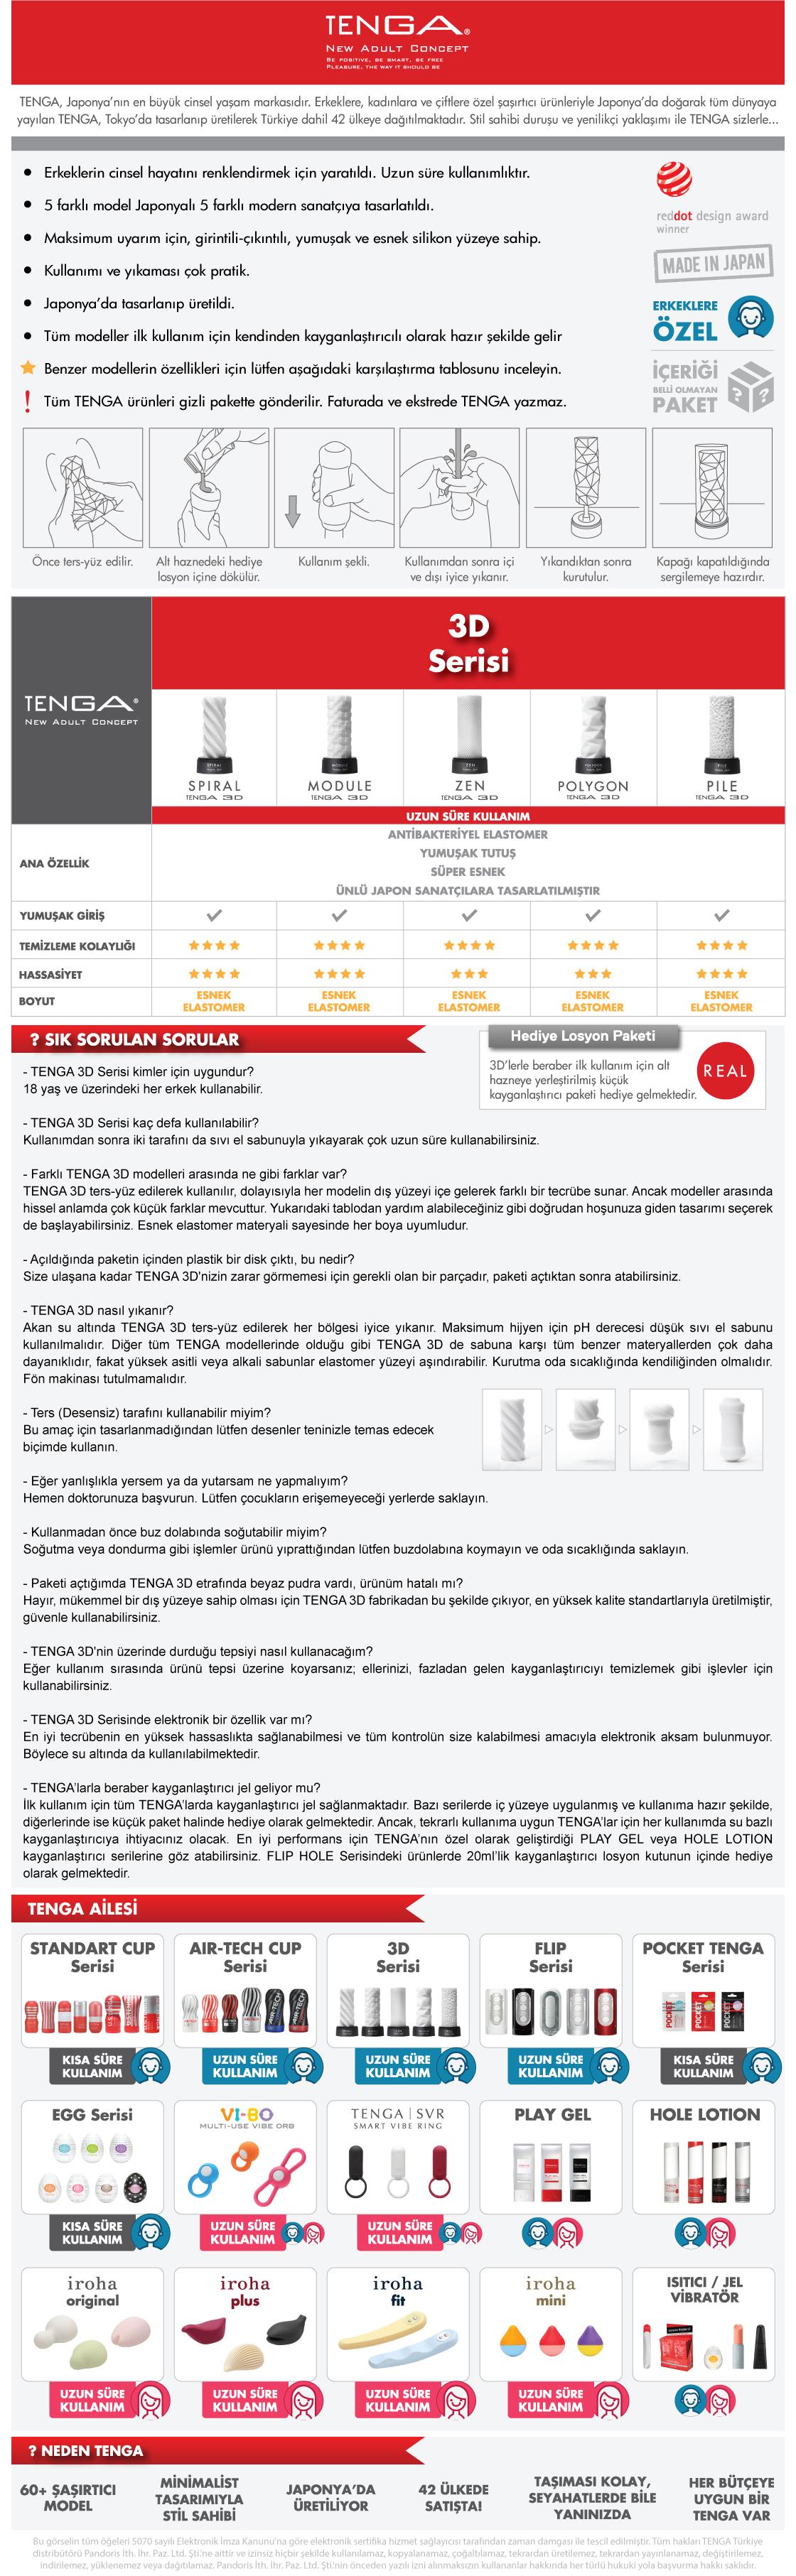 Hindiba: yararlı özellikleri ve kontrendikasyonları 65